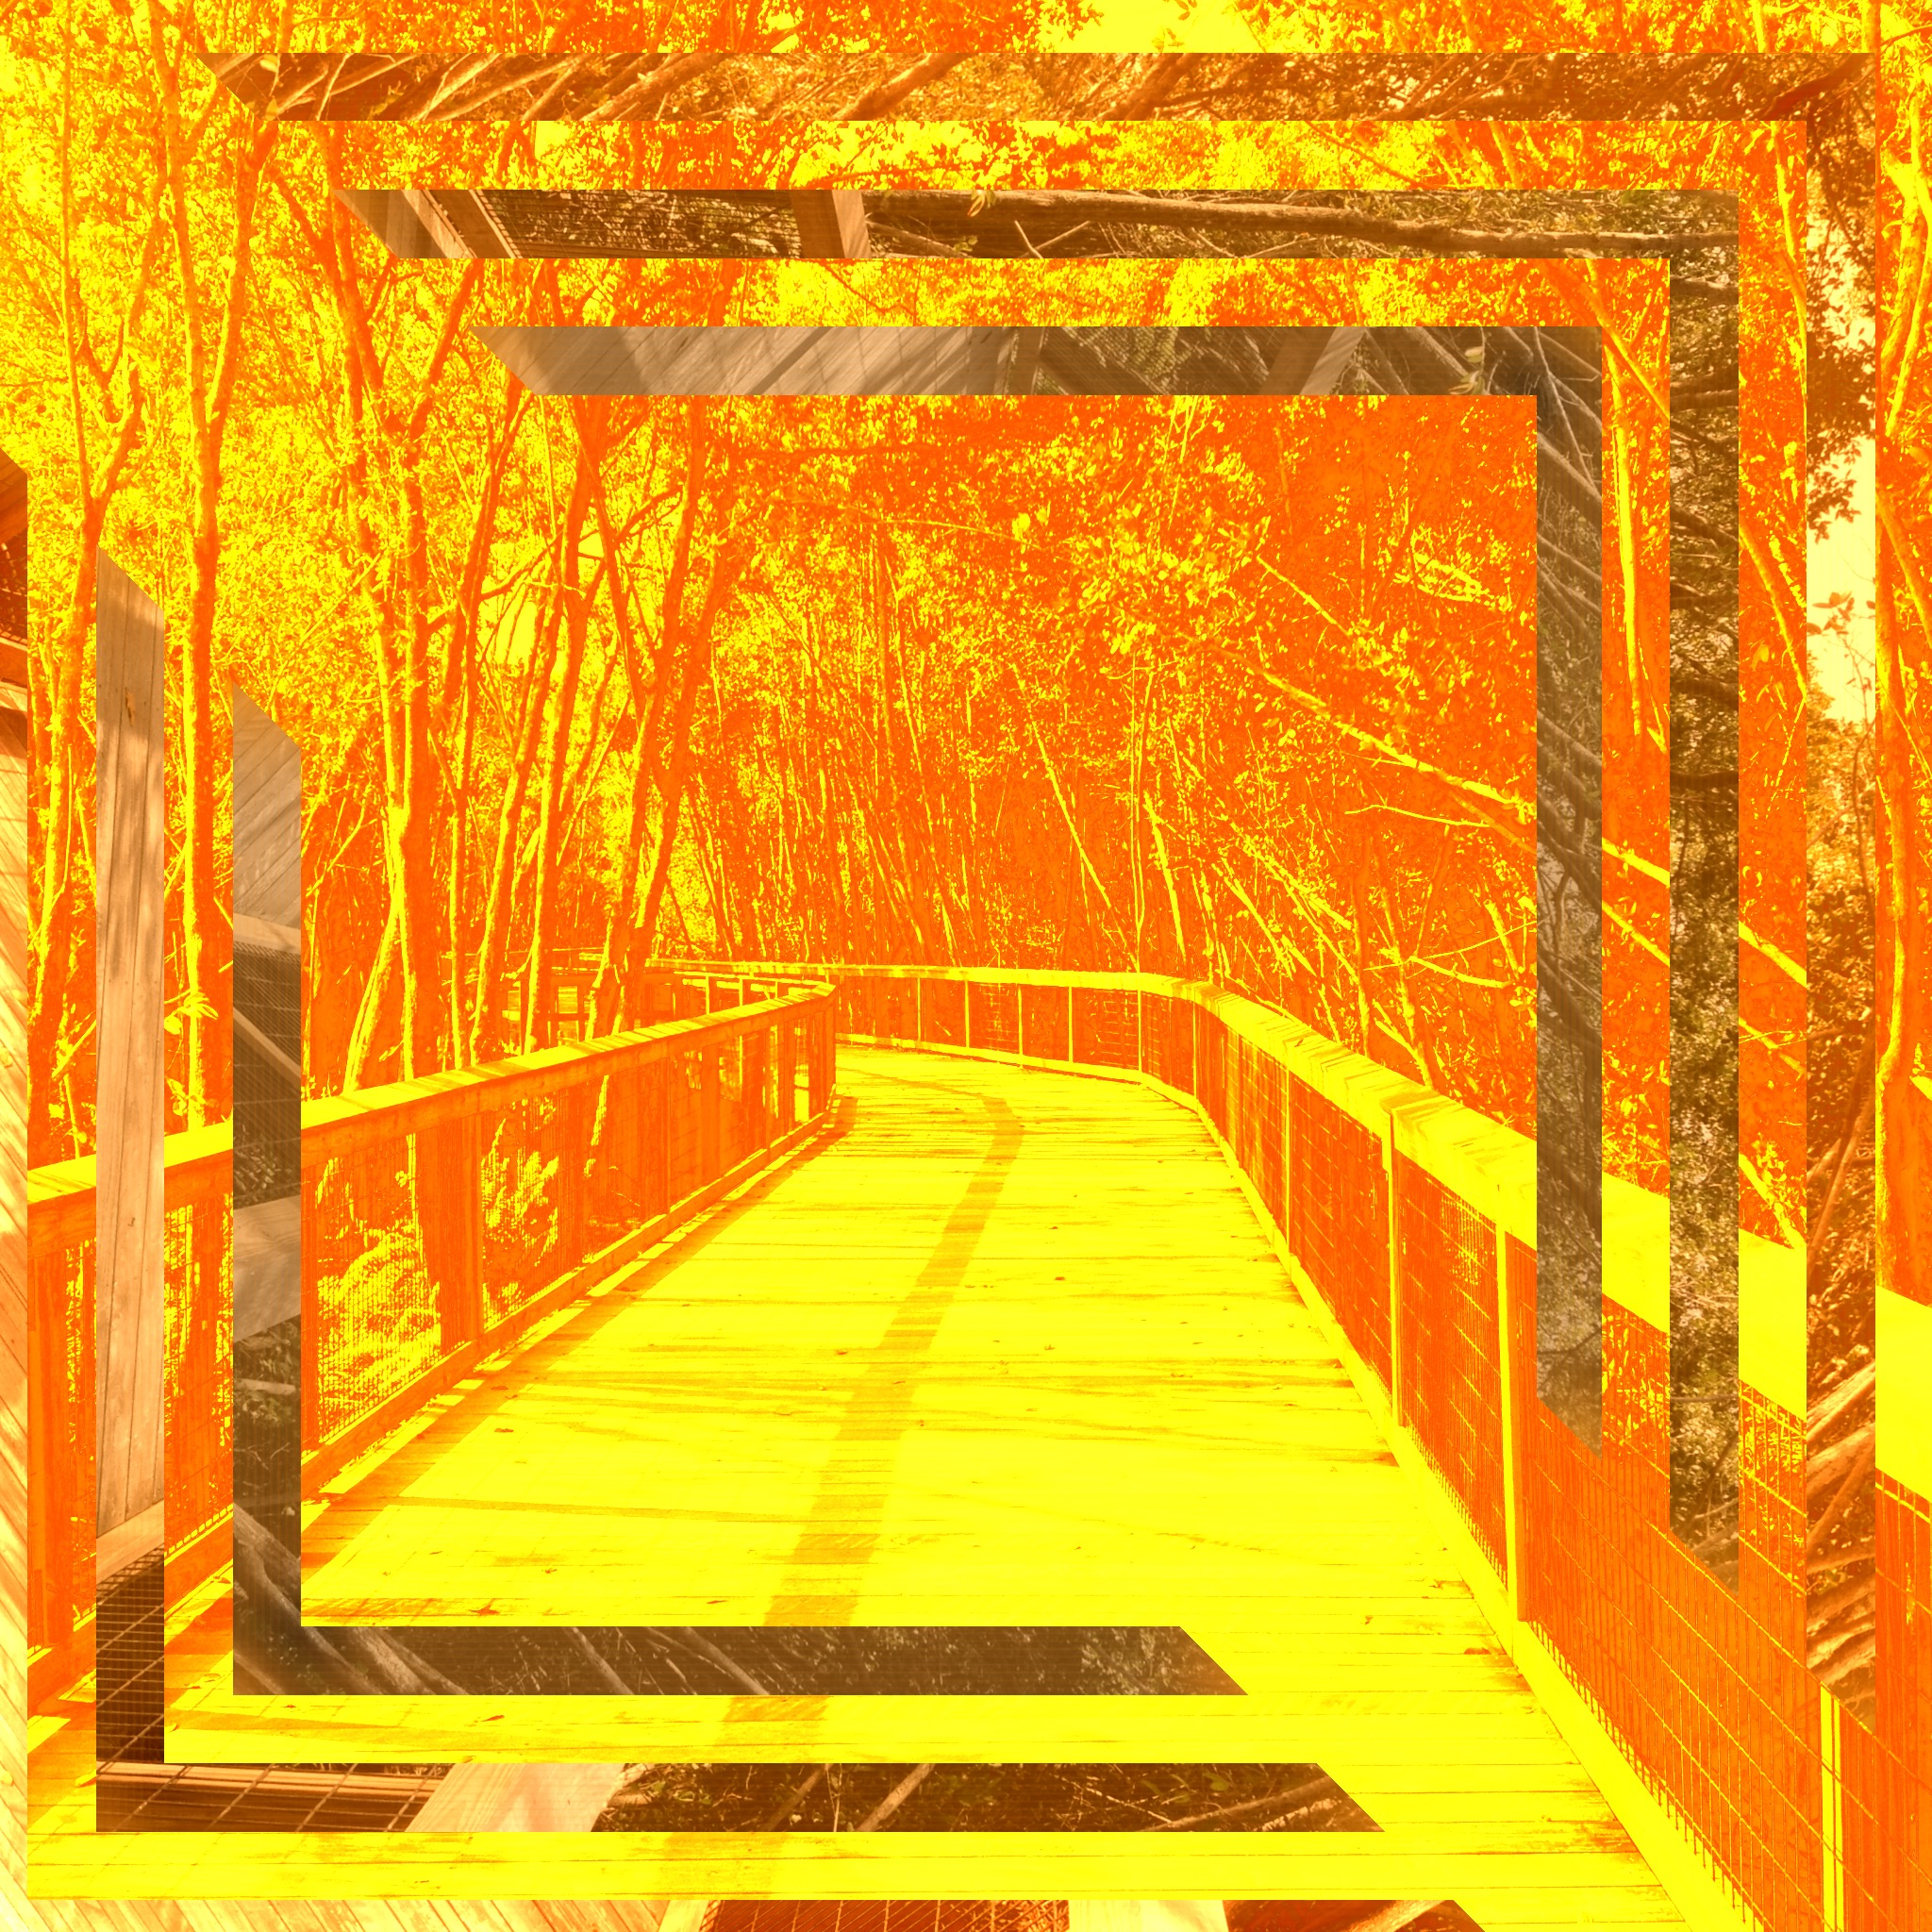 2015-03-12 07.32.36 HDR.jpg